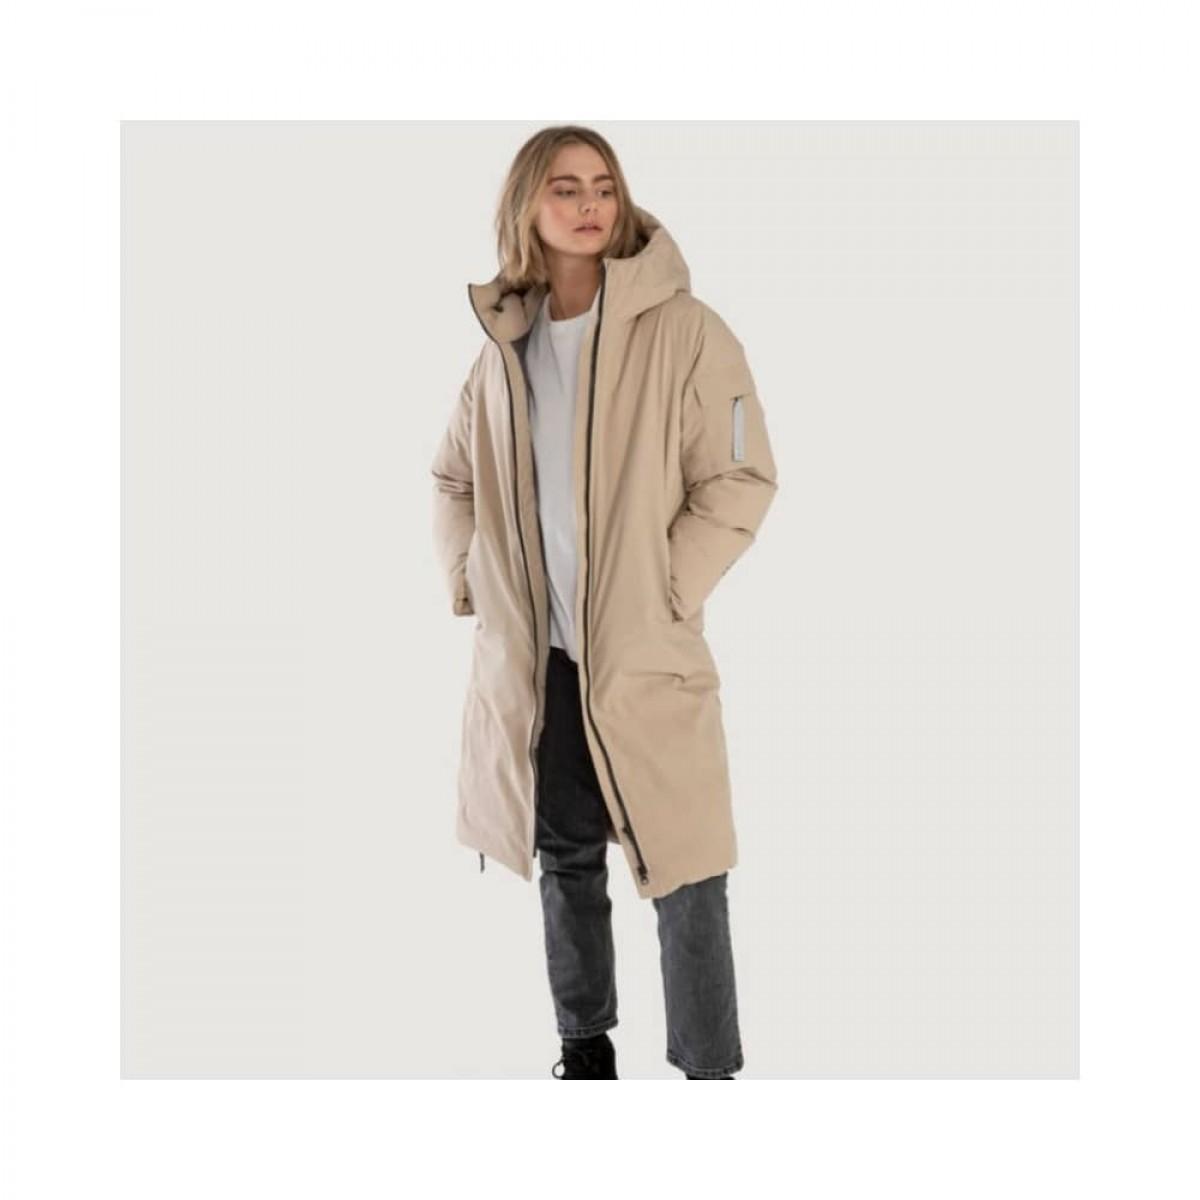 bjorli jacket - beige - model front